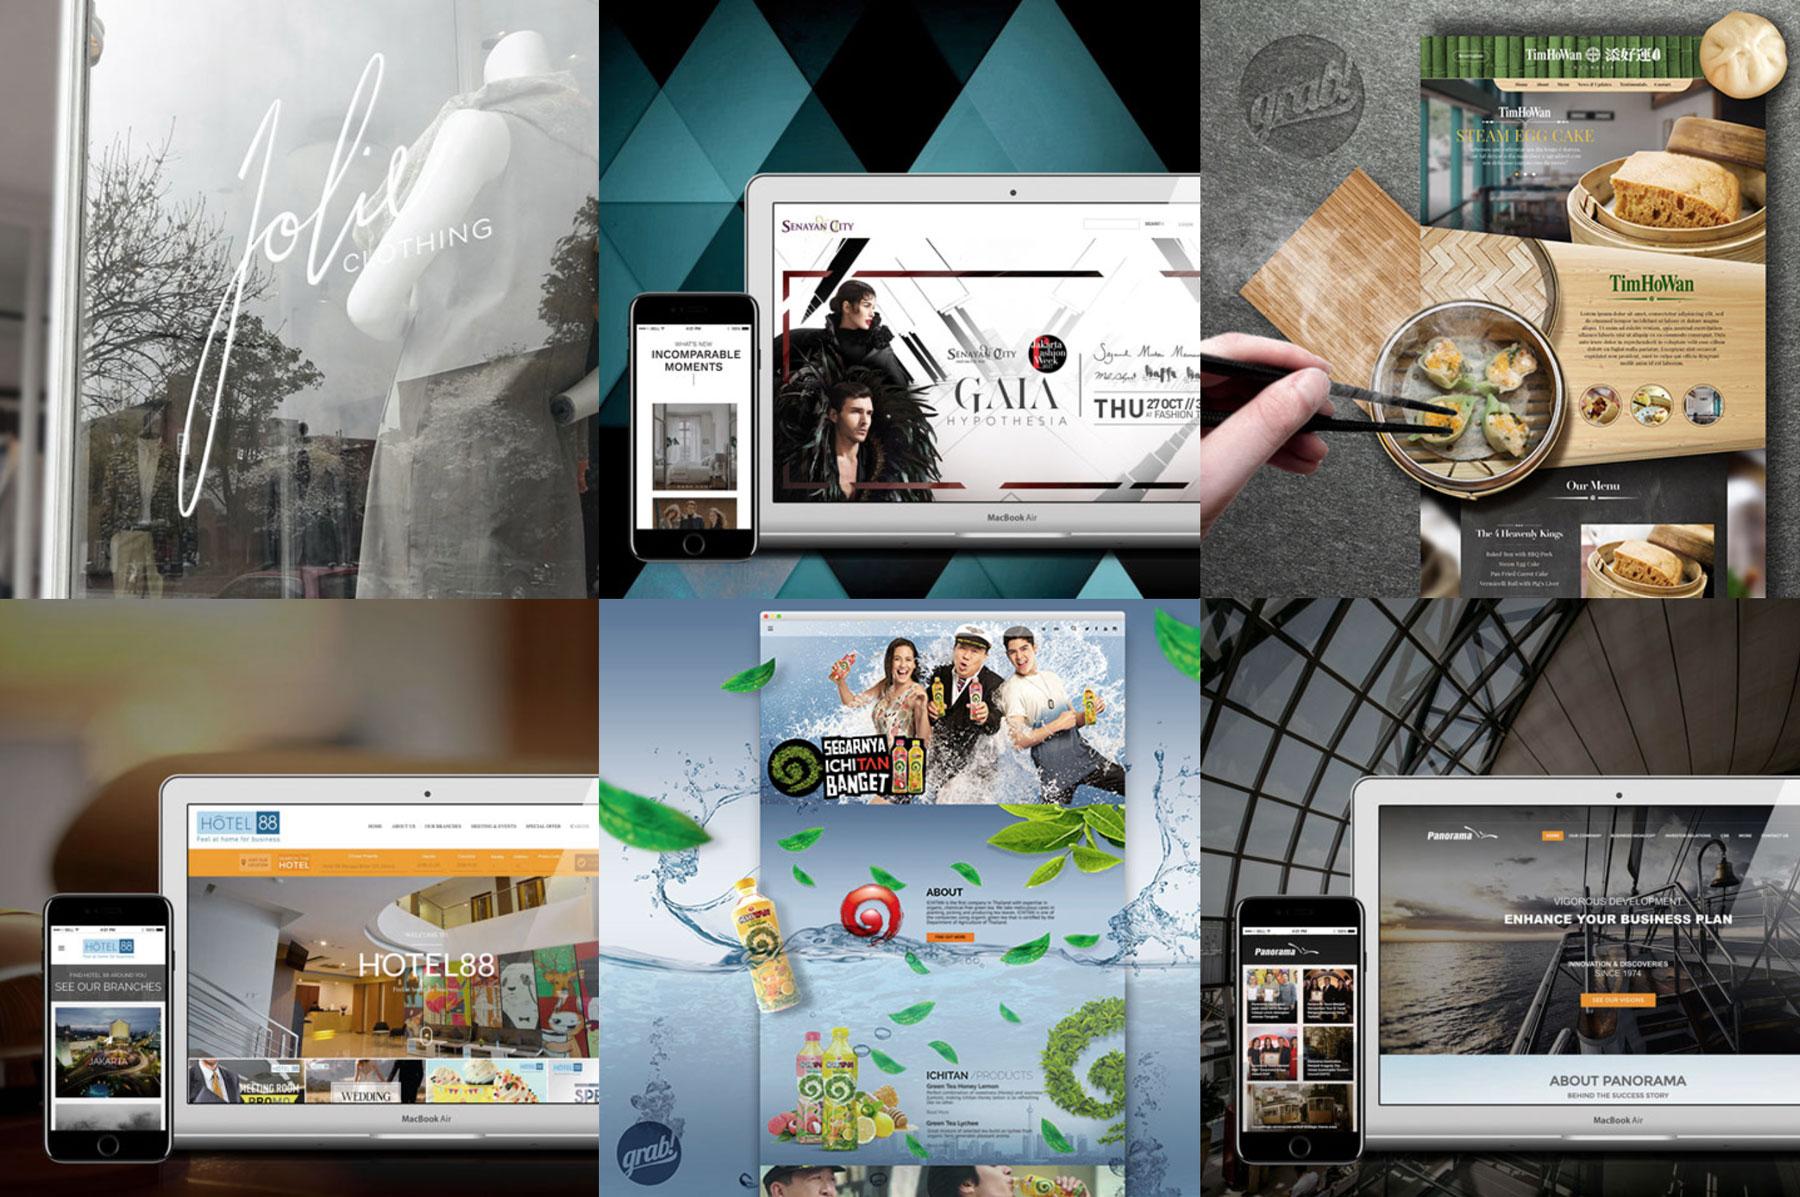 website design jakarta by grab essentials